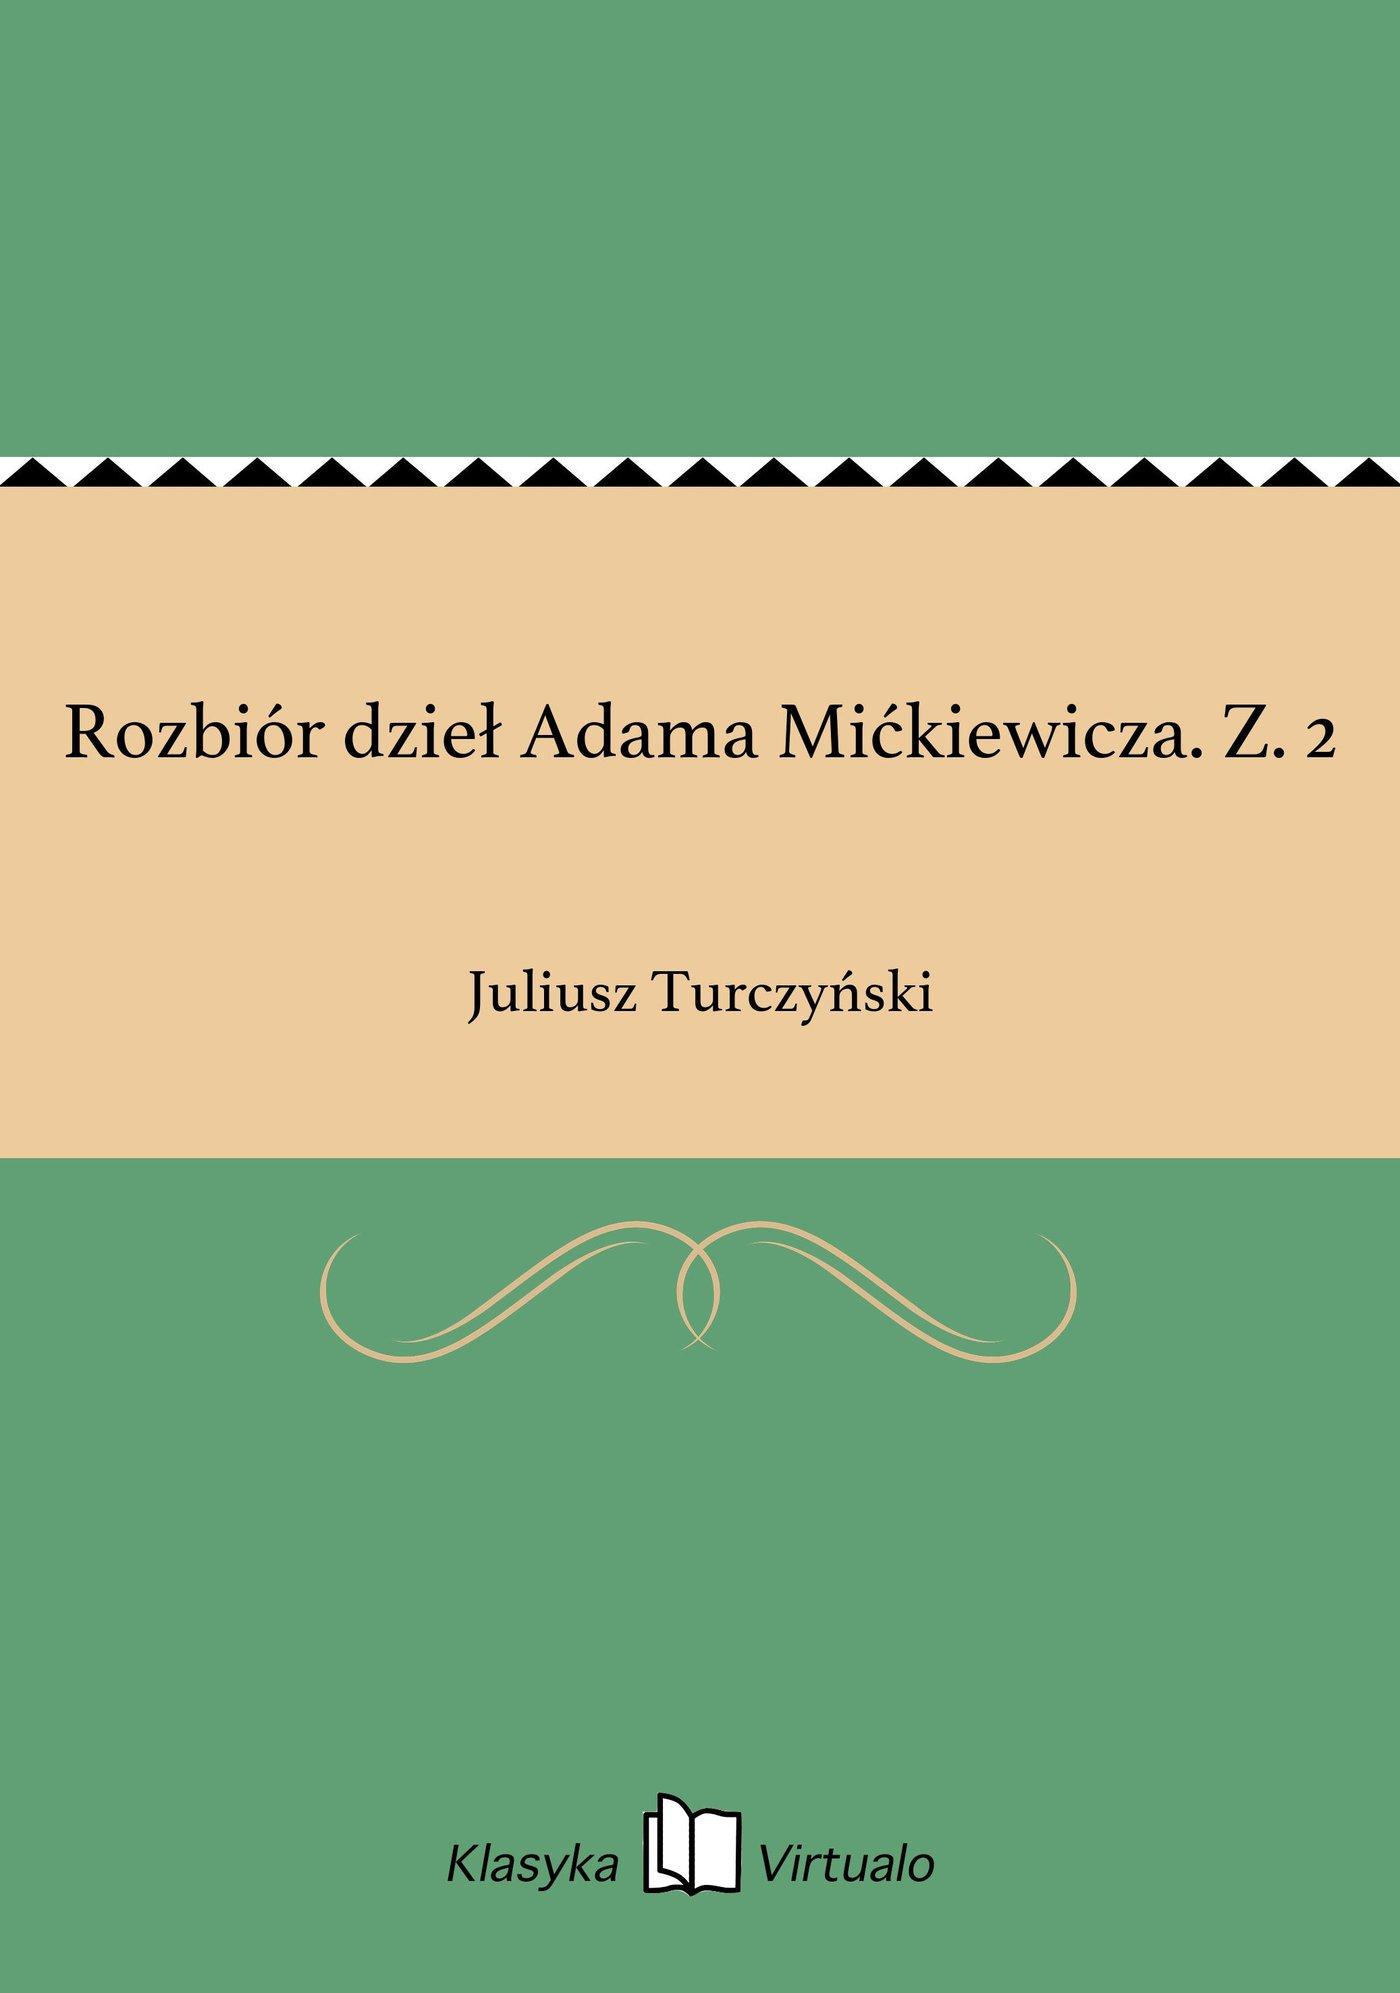 Rozbiór dzieł Adama Mićkiewicza. Z. 2 - Ebook (Książka na Kindle) do pobrania w formacie MOBI